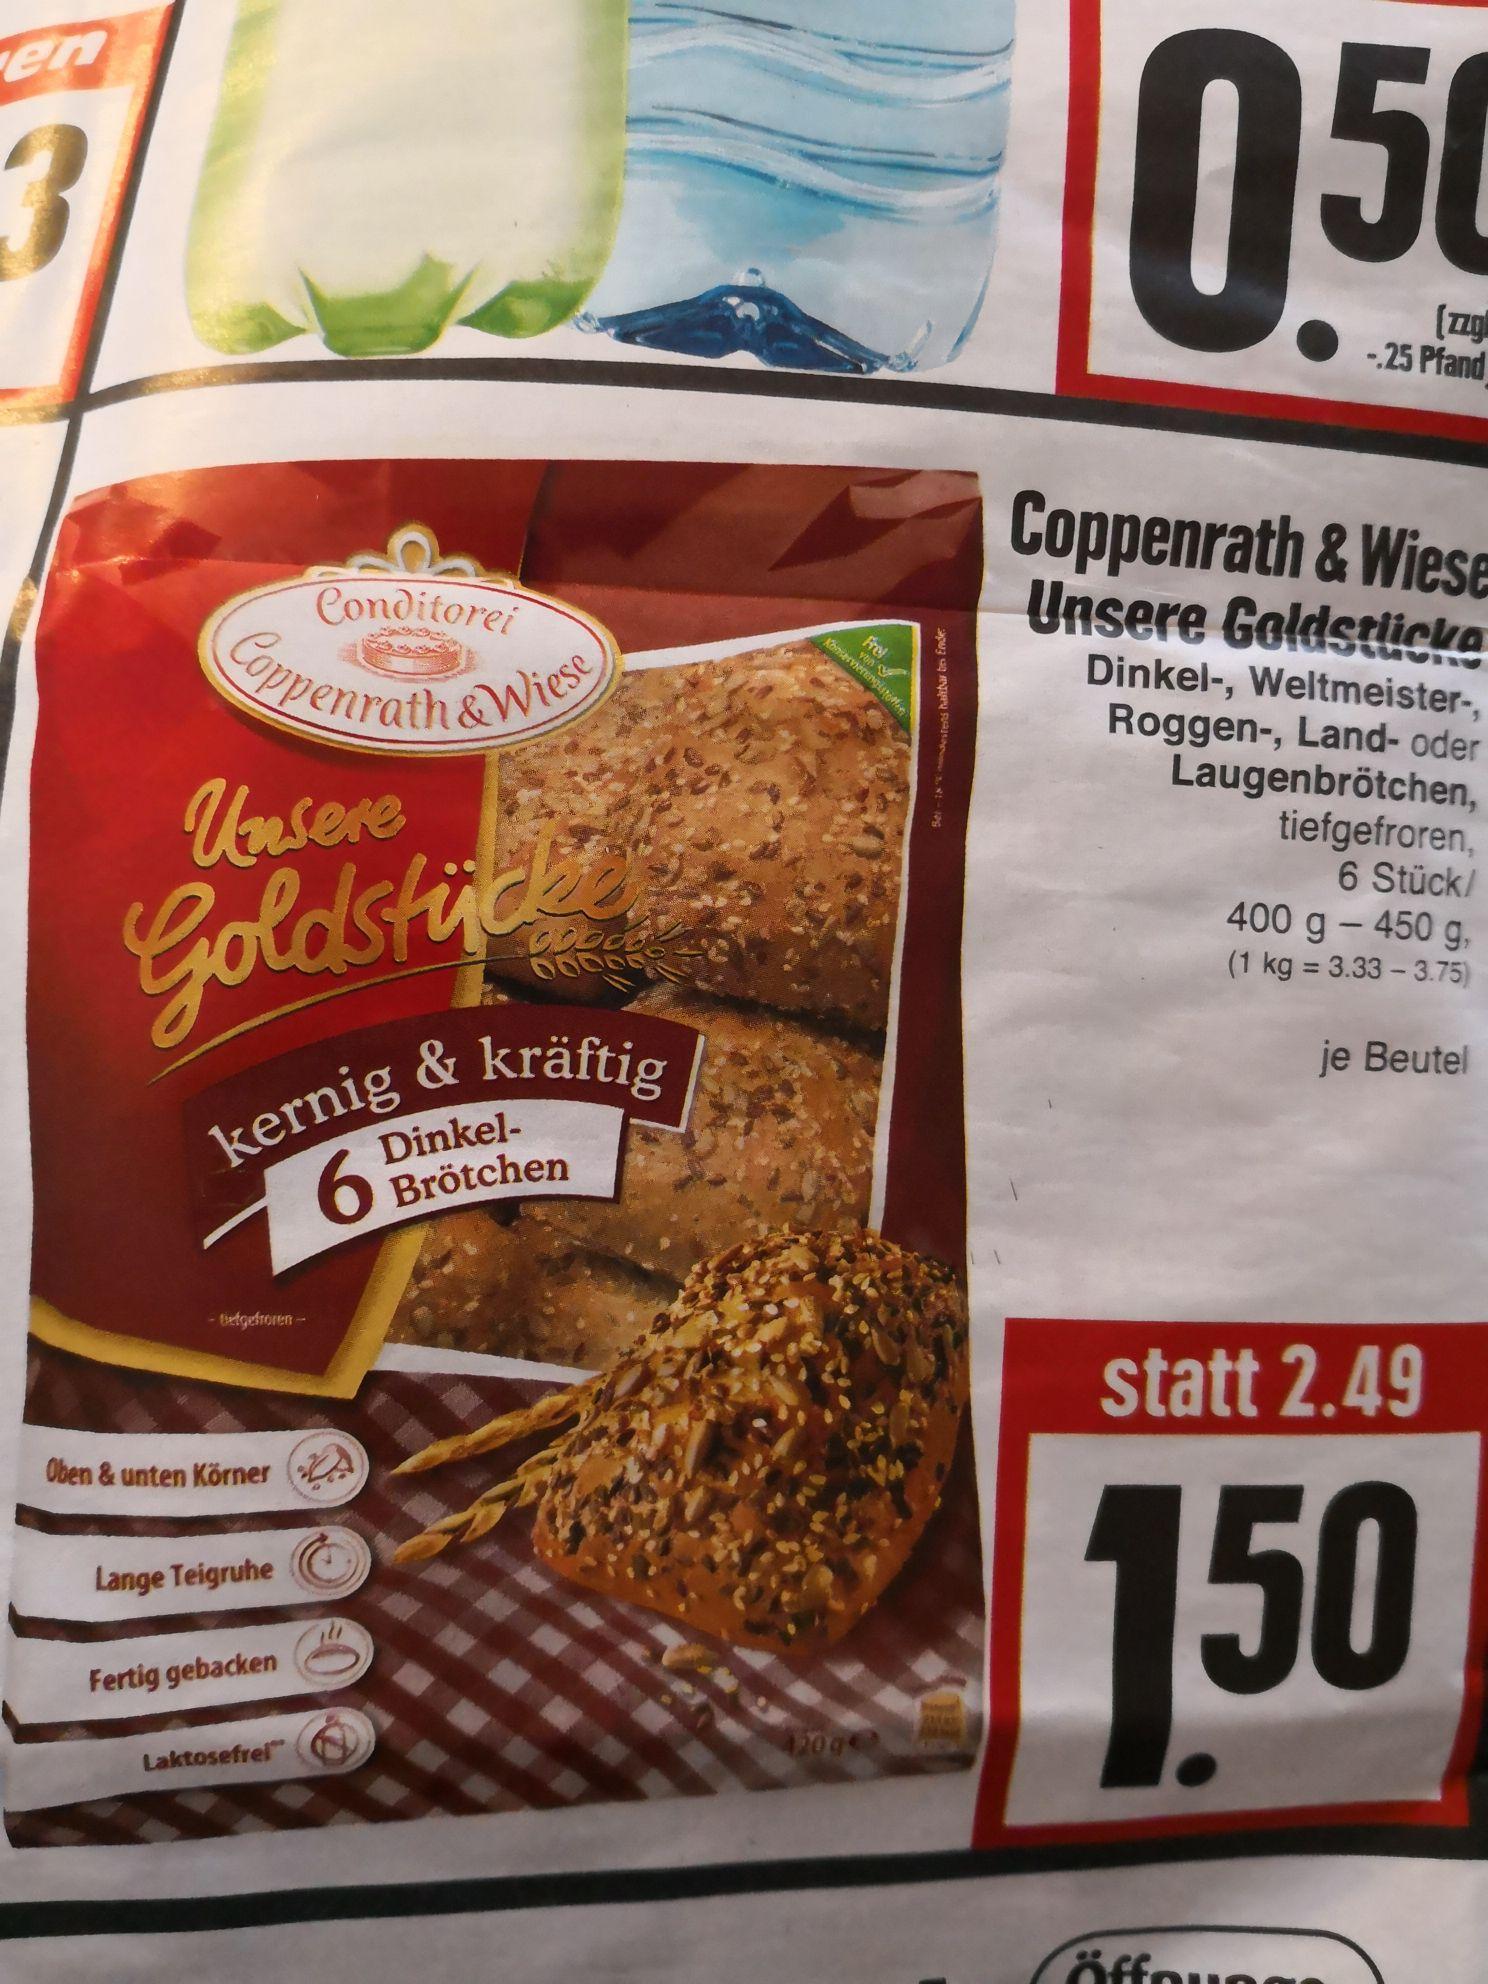 [EDEKA Hessenring] Coppenrath & Wiese Unsere Goldstücke z. B Dinkelbrötchen 1.50€ / Rockstar Energy mit Coupon 0,72€